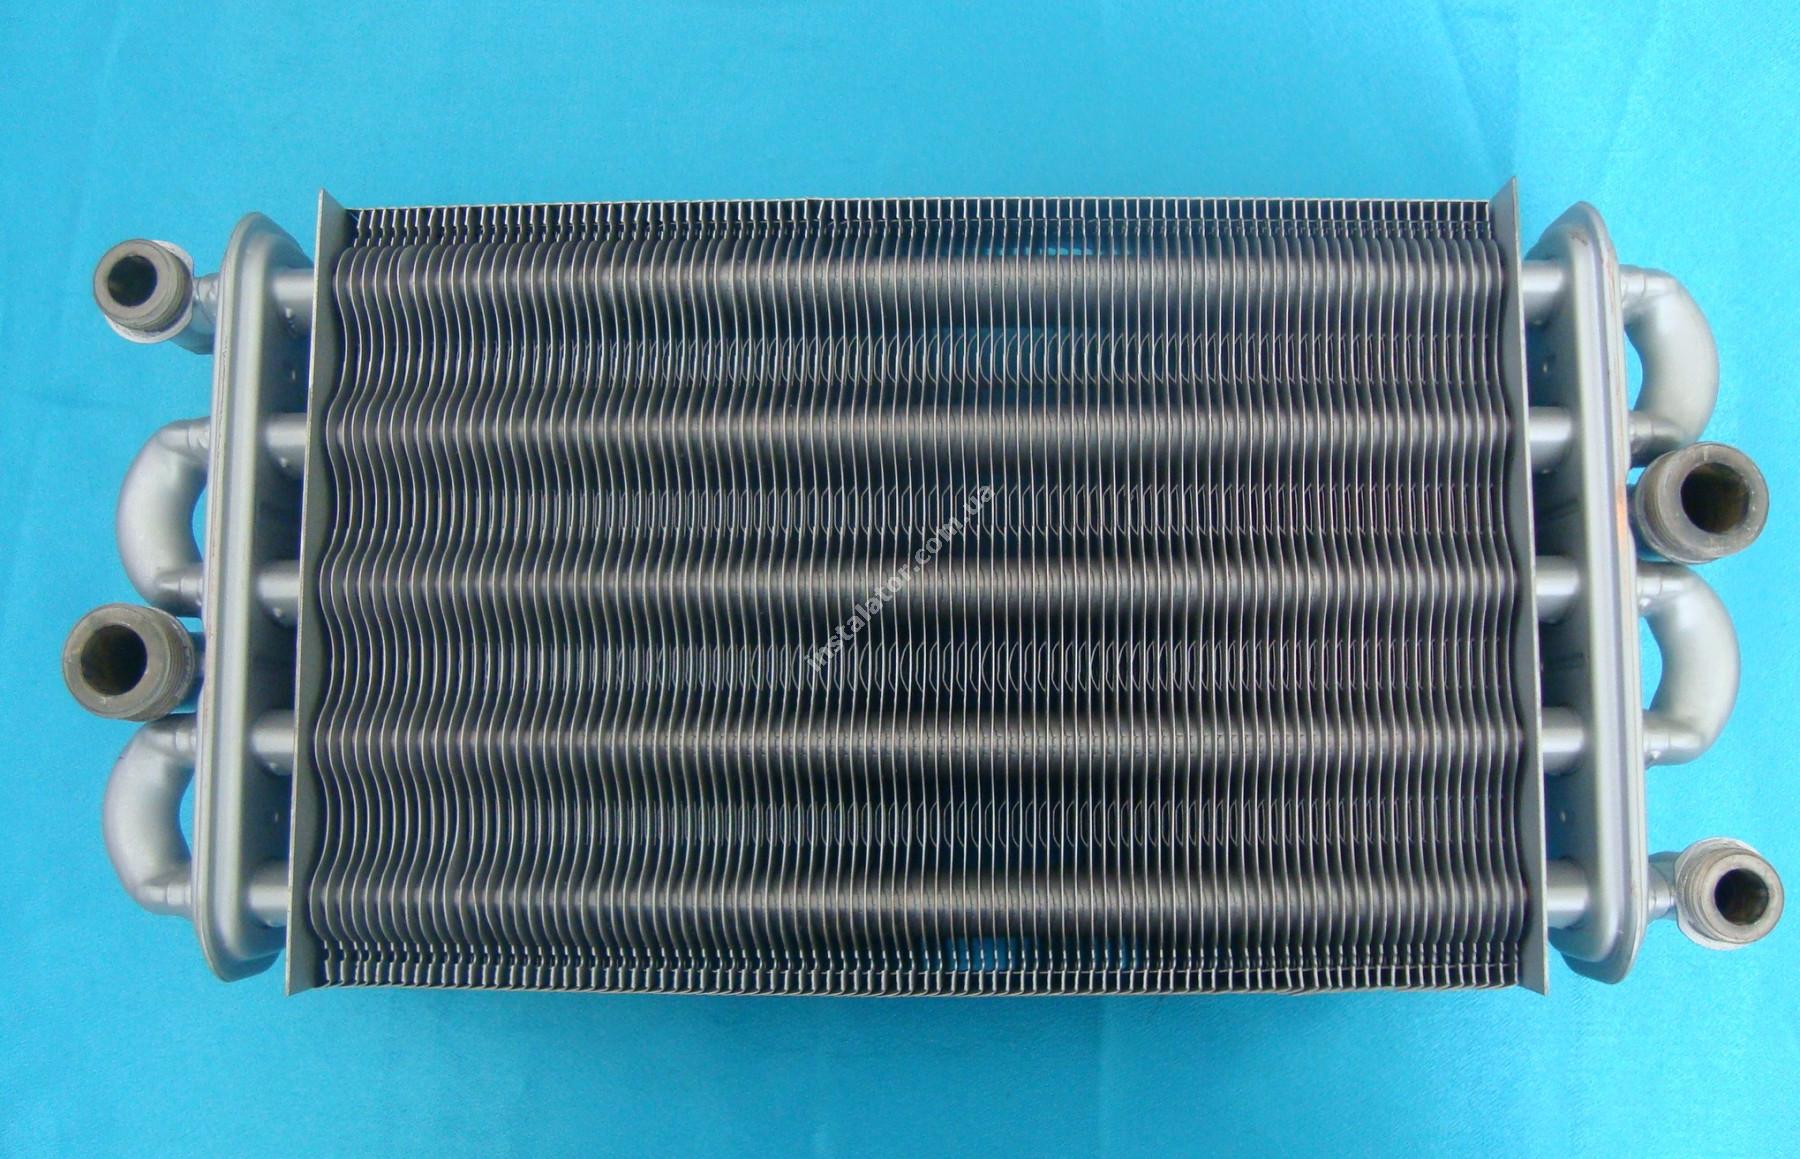 SCAMBIN10 (0020025297) Теплообмінник бітермічний FONDITAL full-image-2